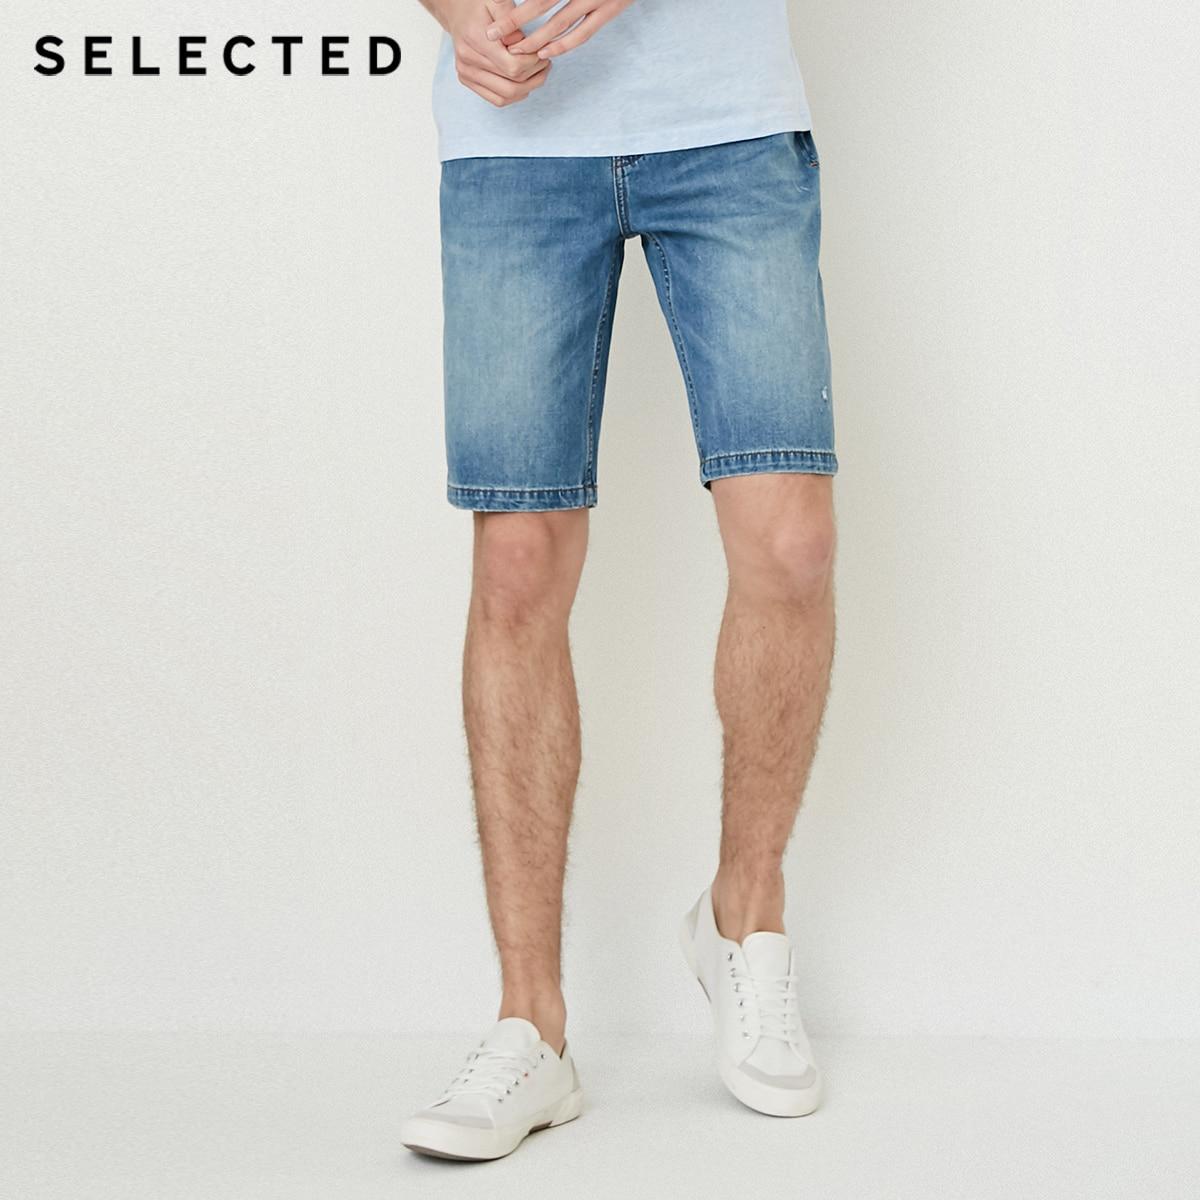 6d8875a7f8 Seleccionados mezcla de algodón lavado de ocio pantalones cortos de jean C